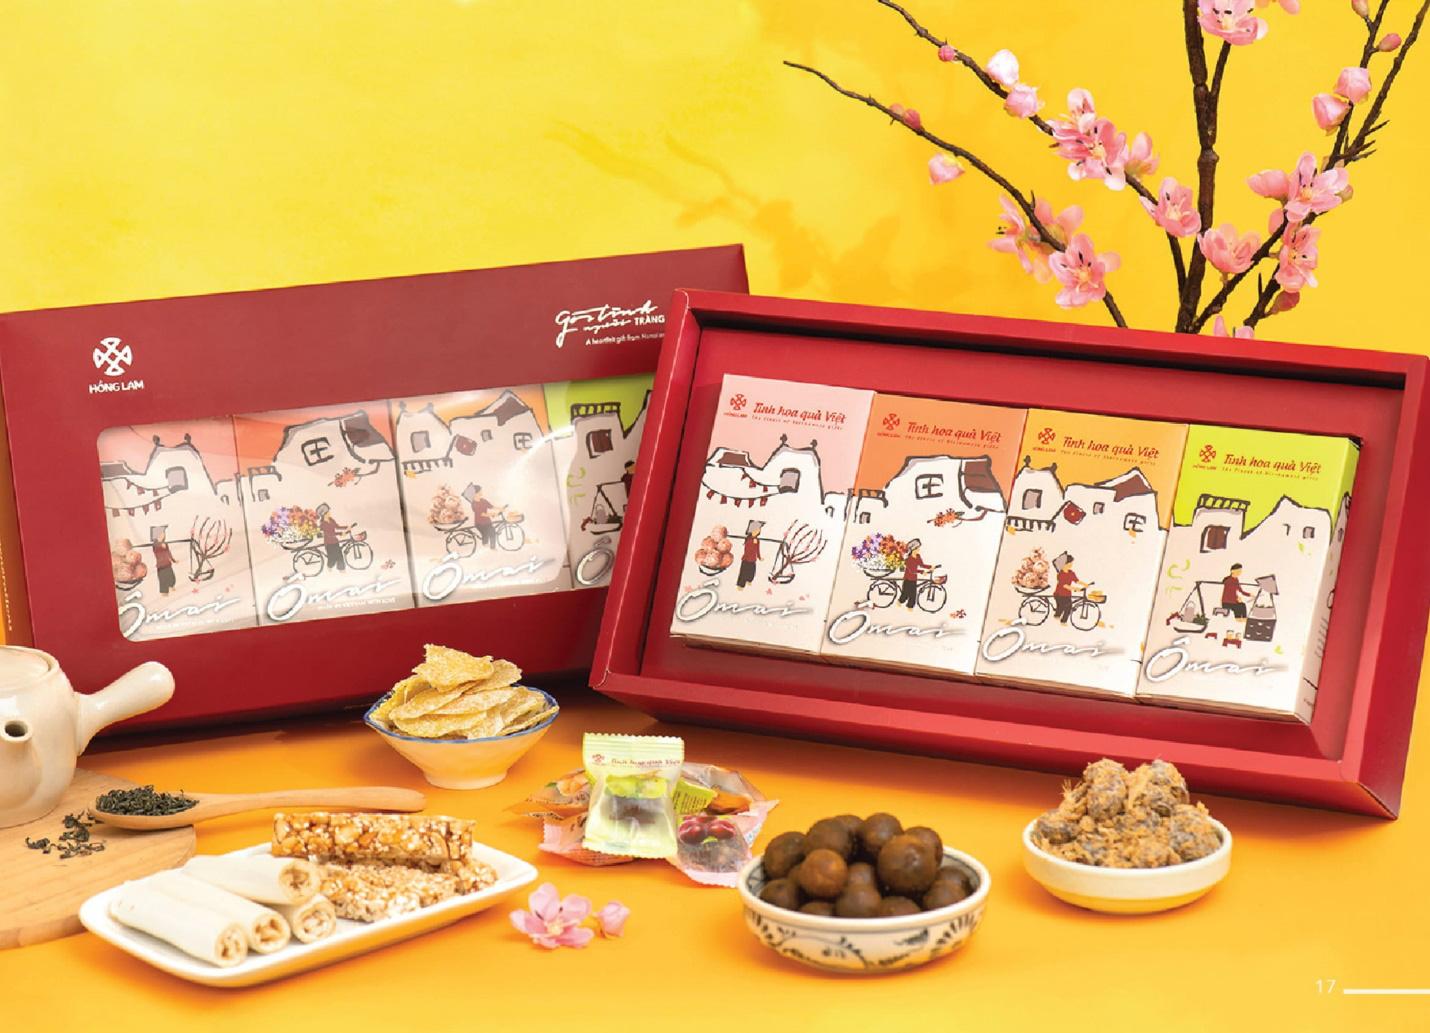 Sát Tết, phải chuẩn bị chọn ngay những bộ quà tuyệt phẩm từ ô mai Hồng Lam - Ảnh 1.